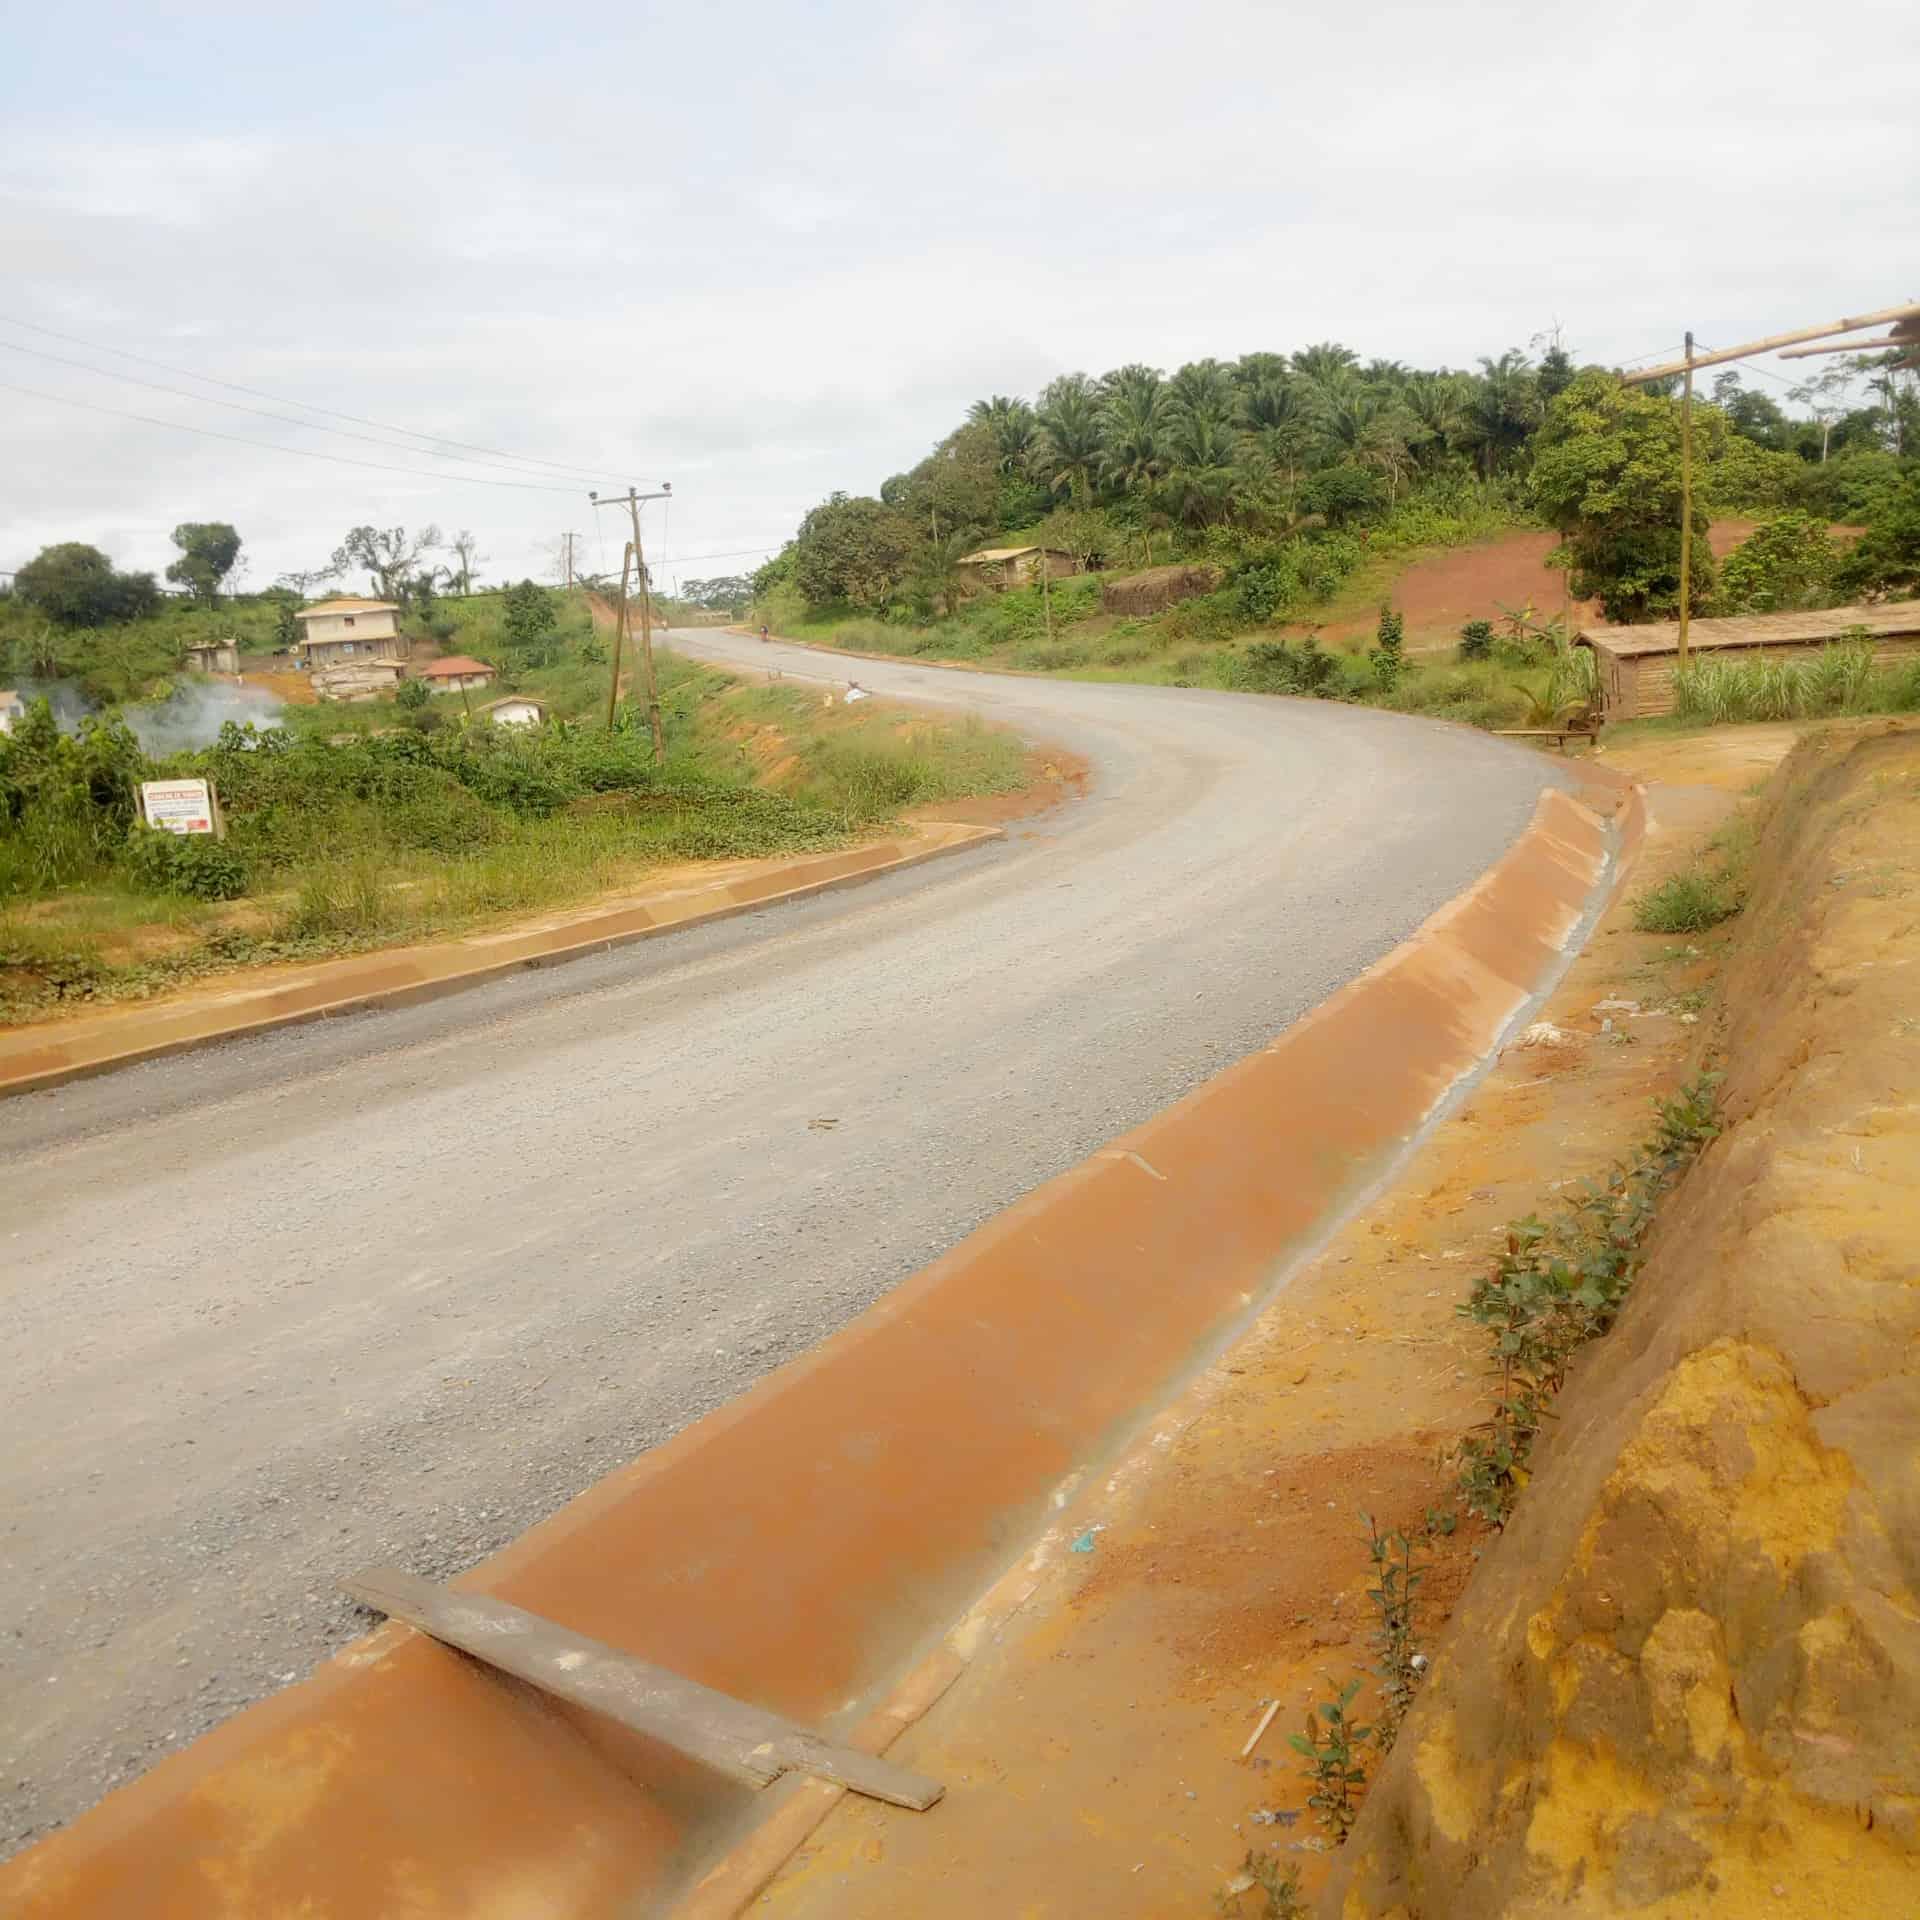 Land for sale at Douala, PK 19, Embranchement donnant sur logbessou - 750 m2 - 8 000 000 FCFA